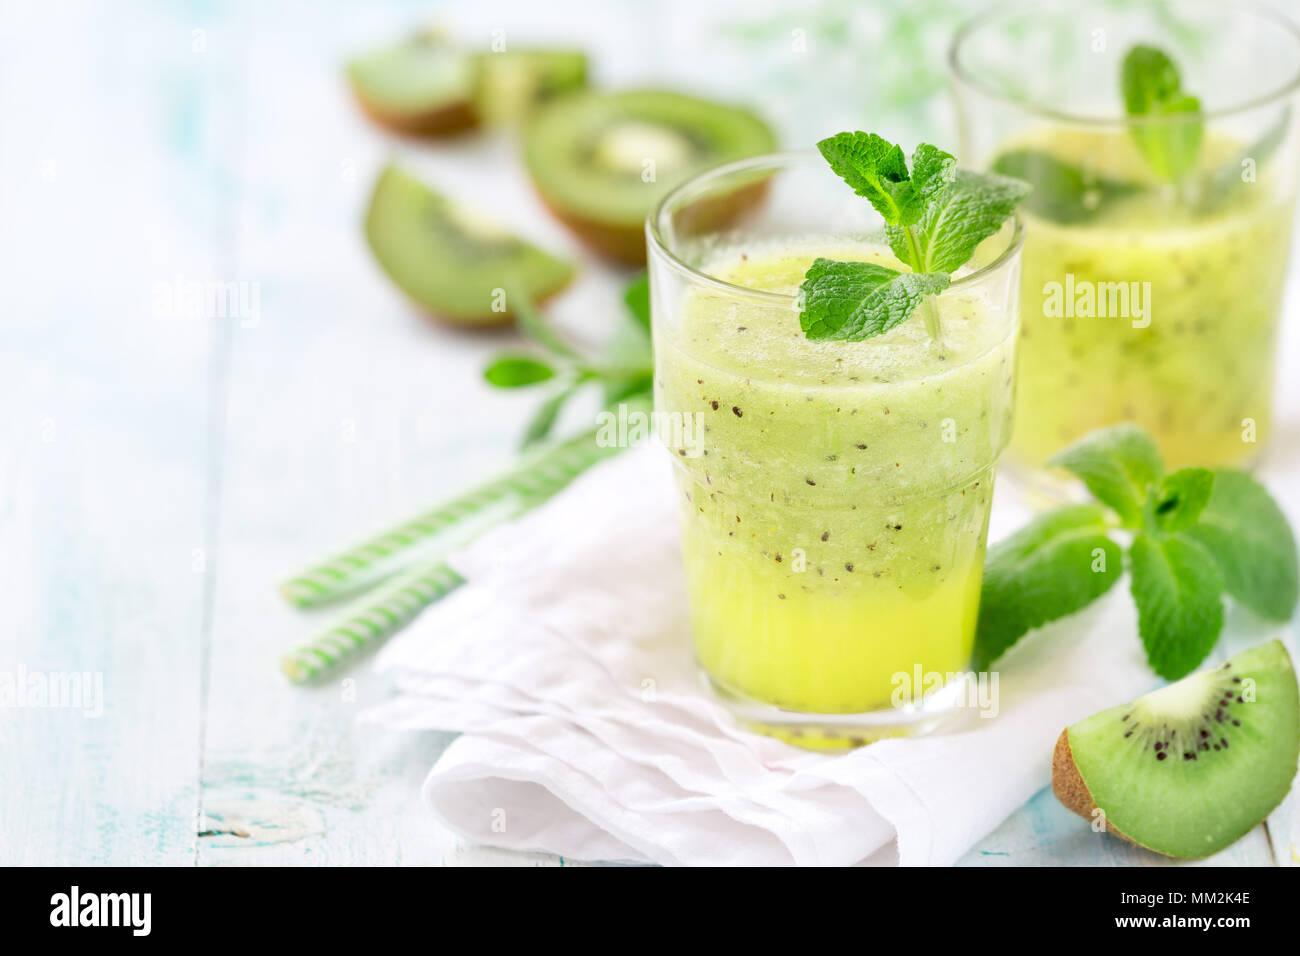 Antioxidante sano y detox batido con kiwi, zumo de manzana y menta. Con espacio para el texto copia Imagen De Stock